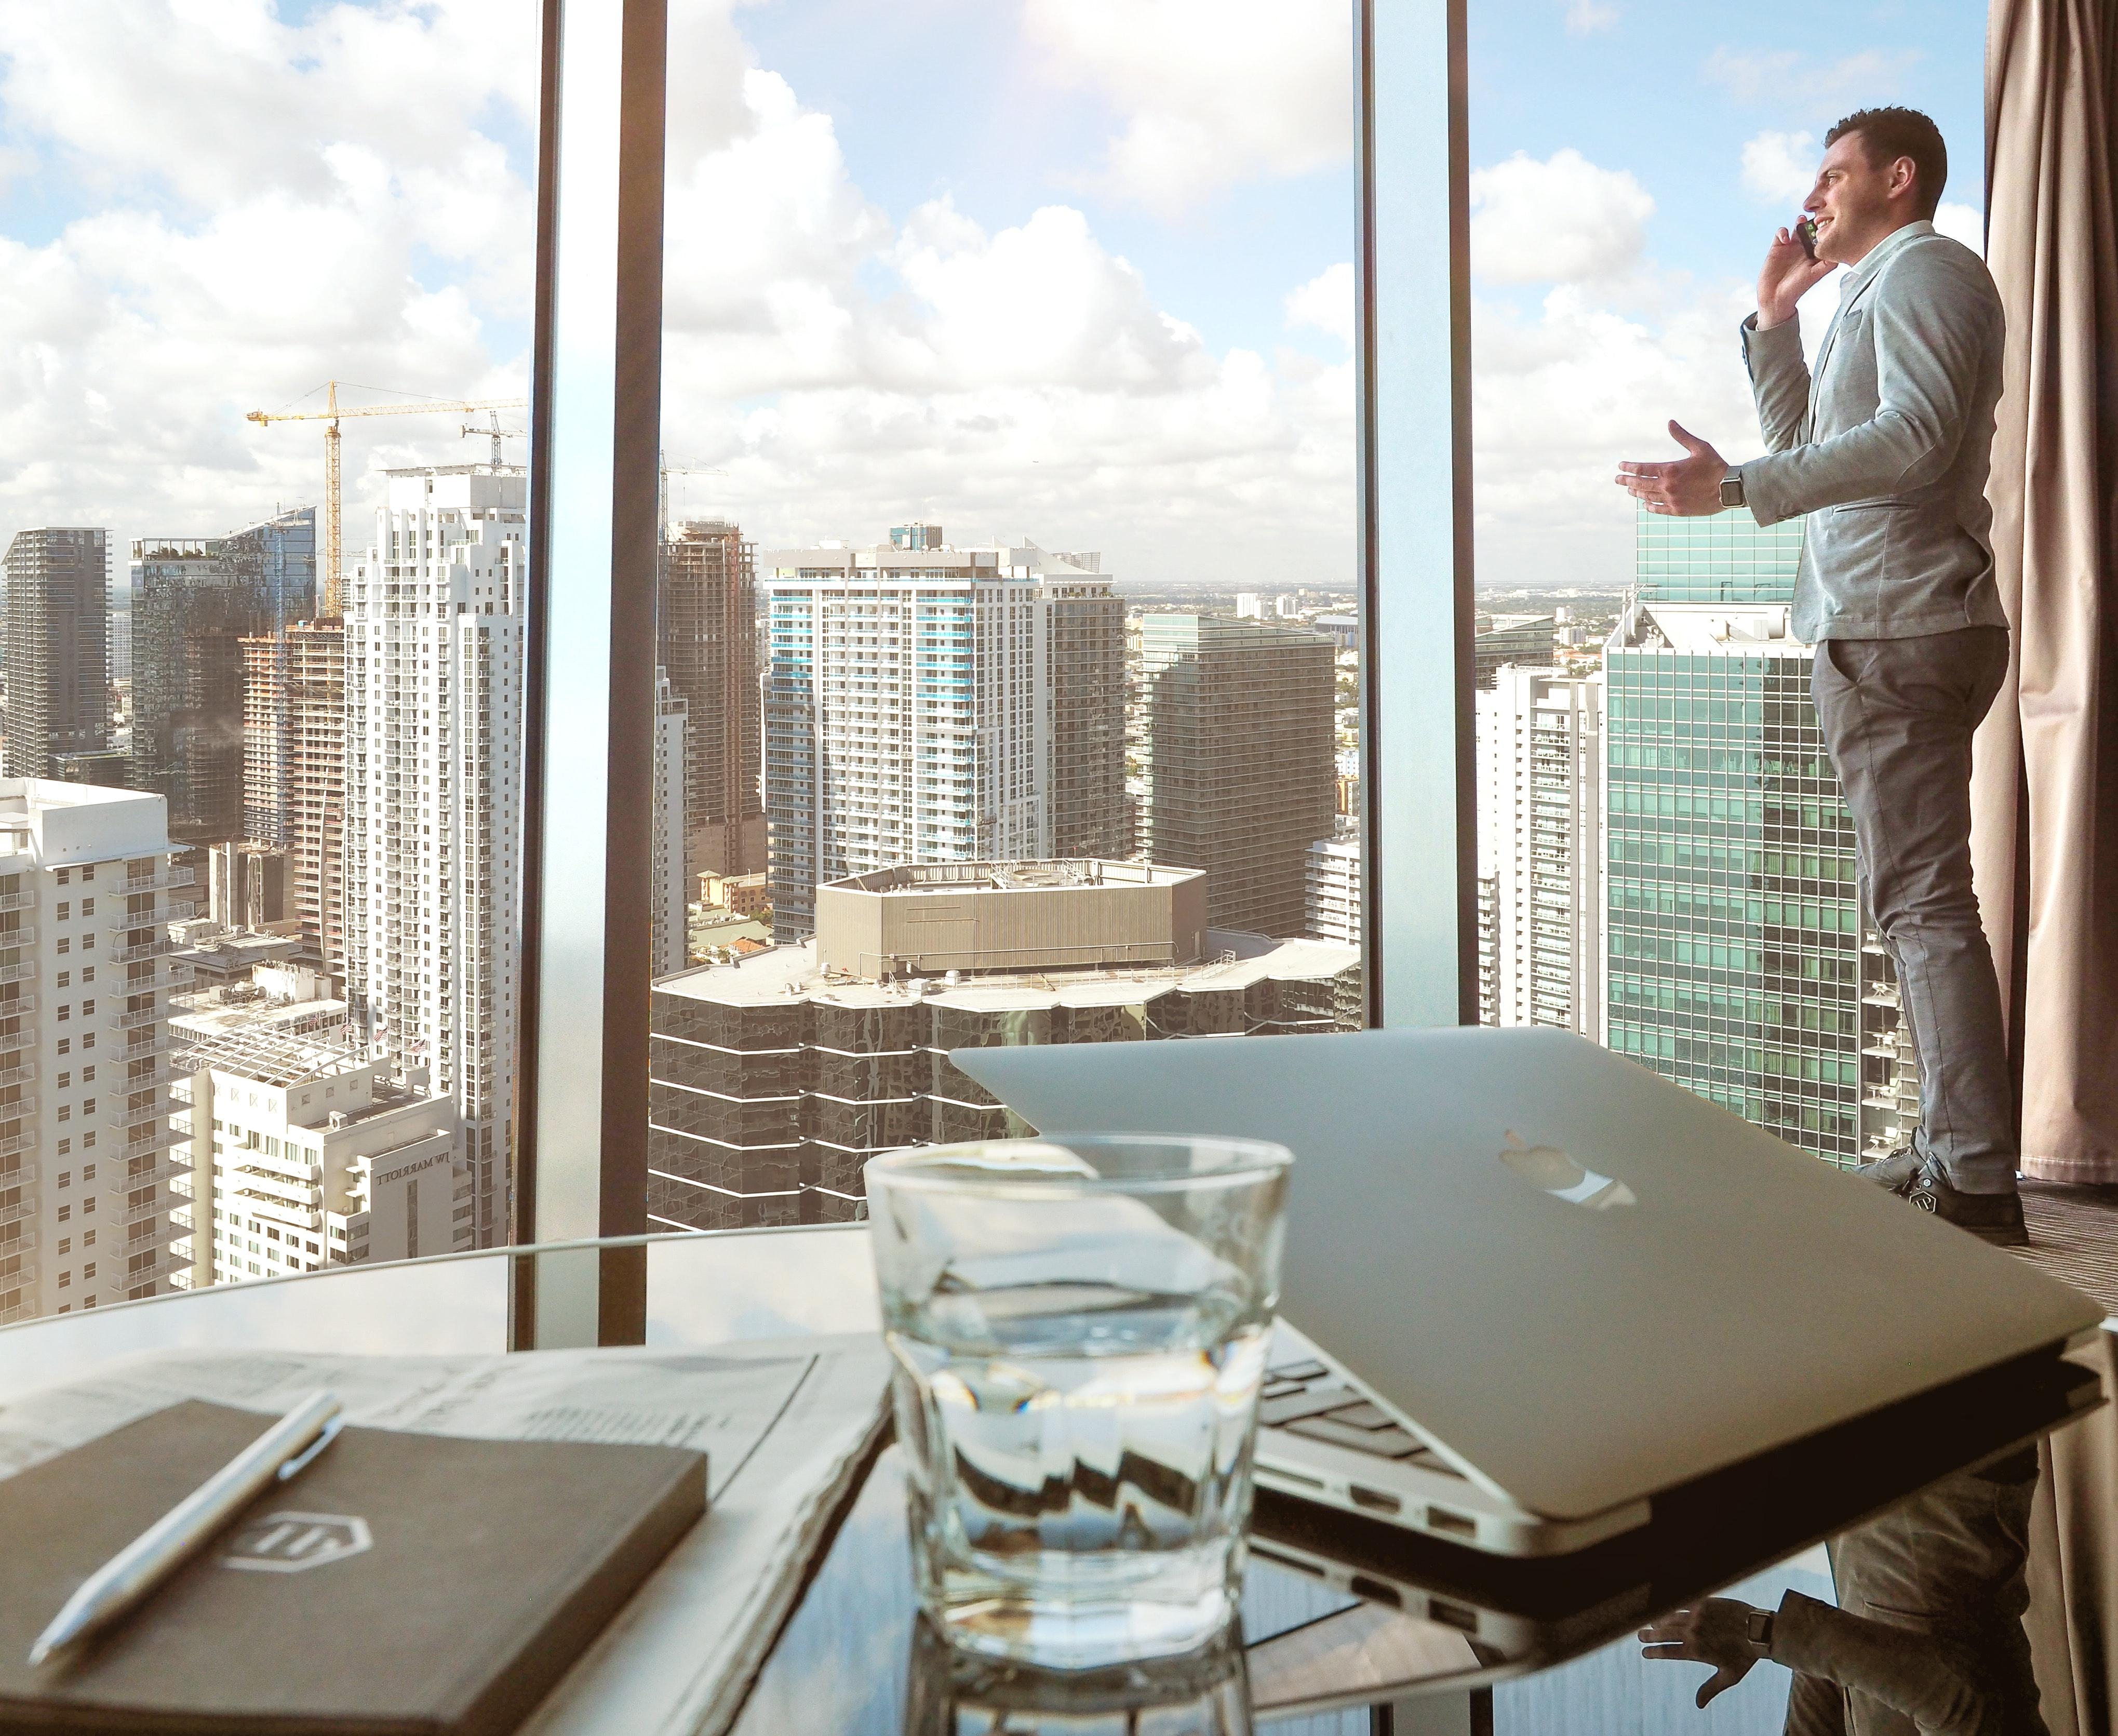 OficinaCristalera  5 ventajas de trabajar en seguros OficinaCristalera